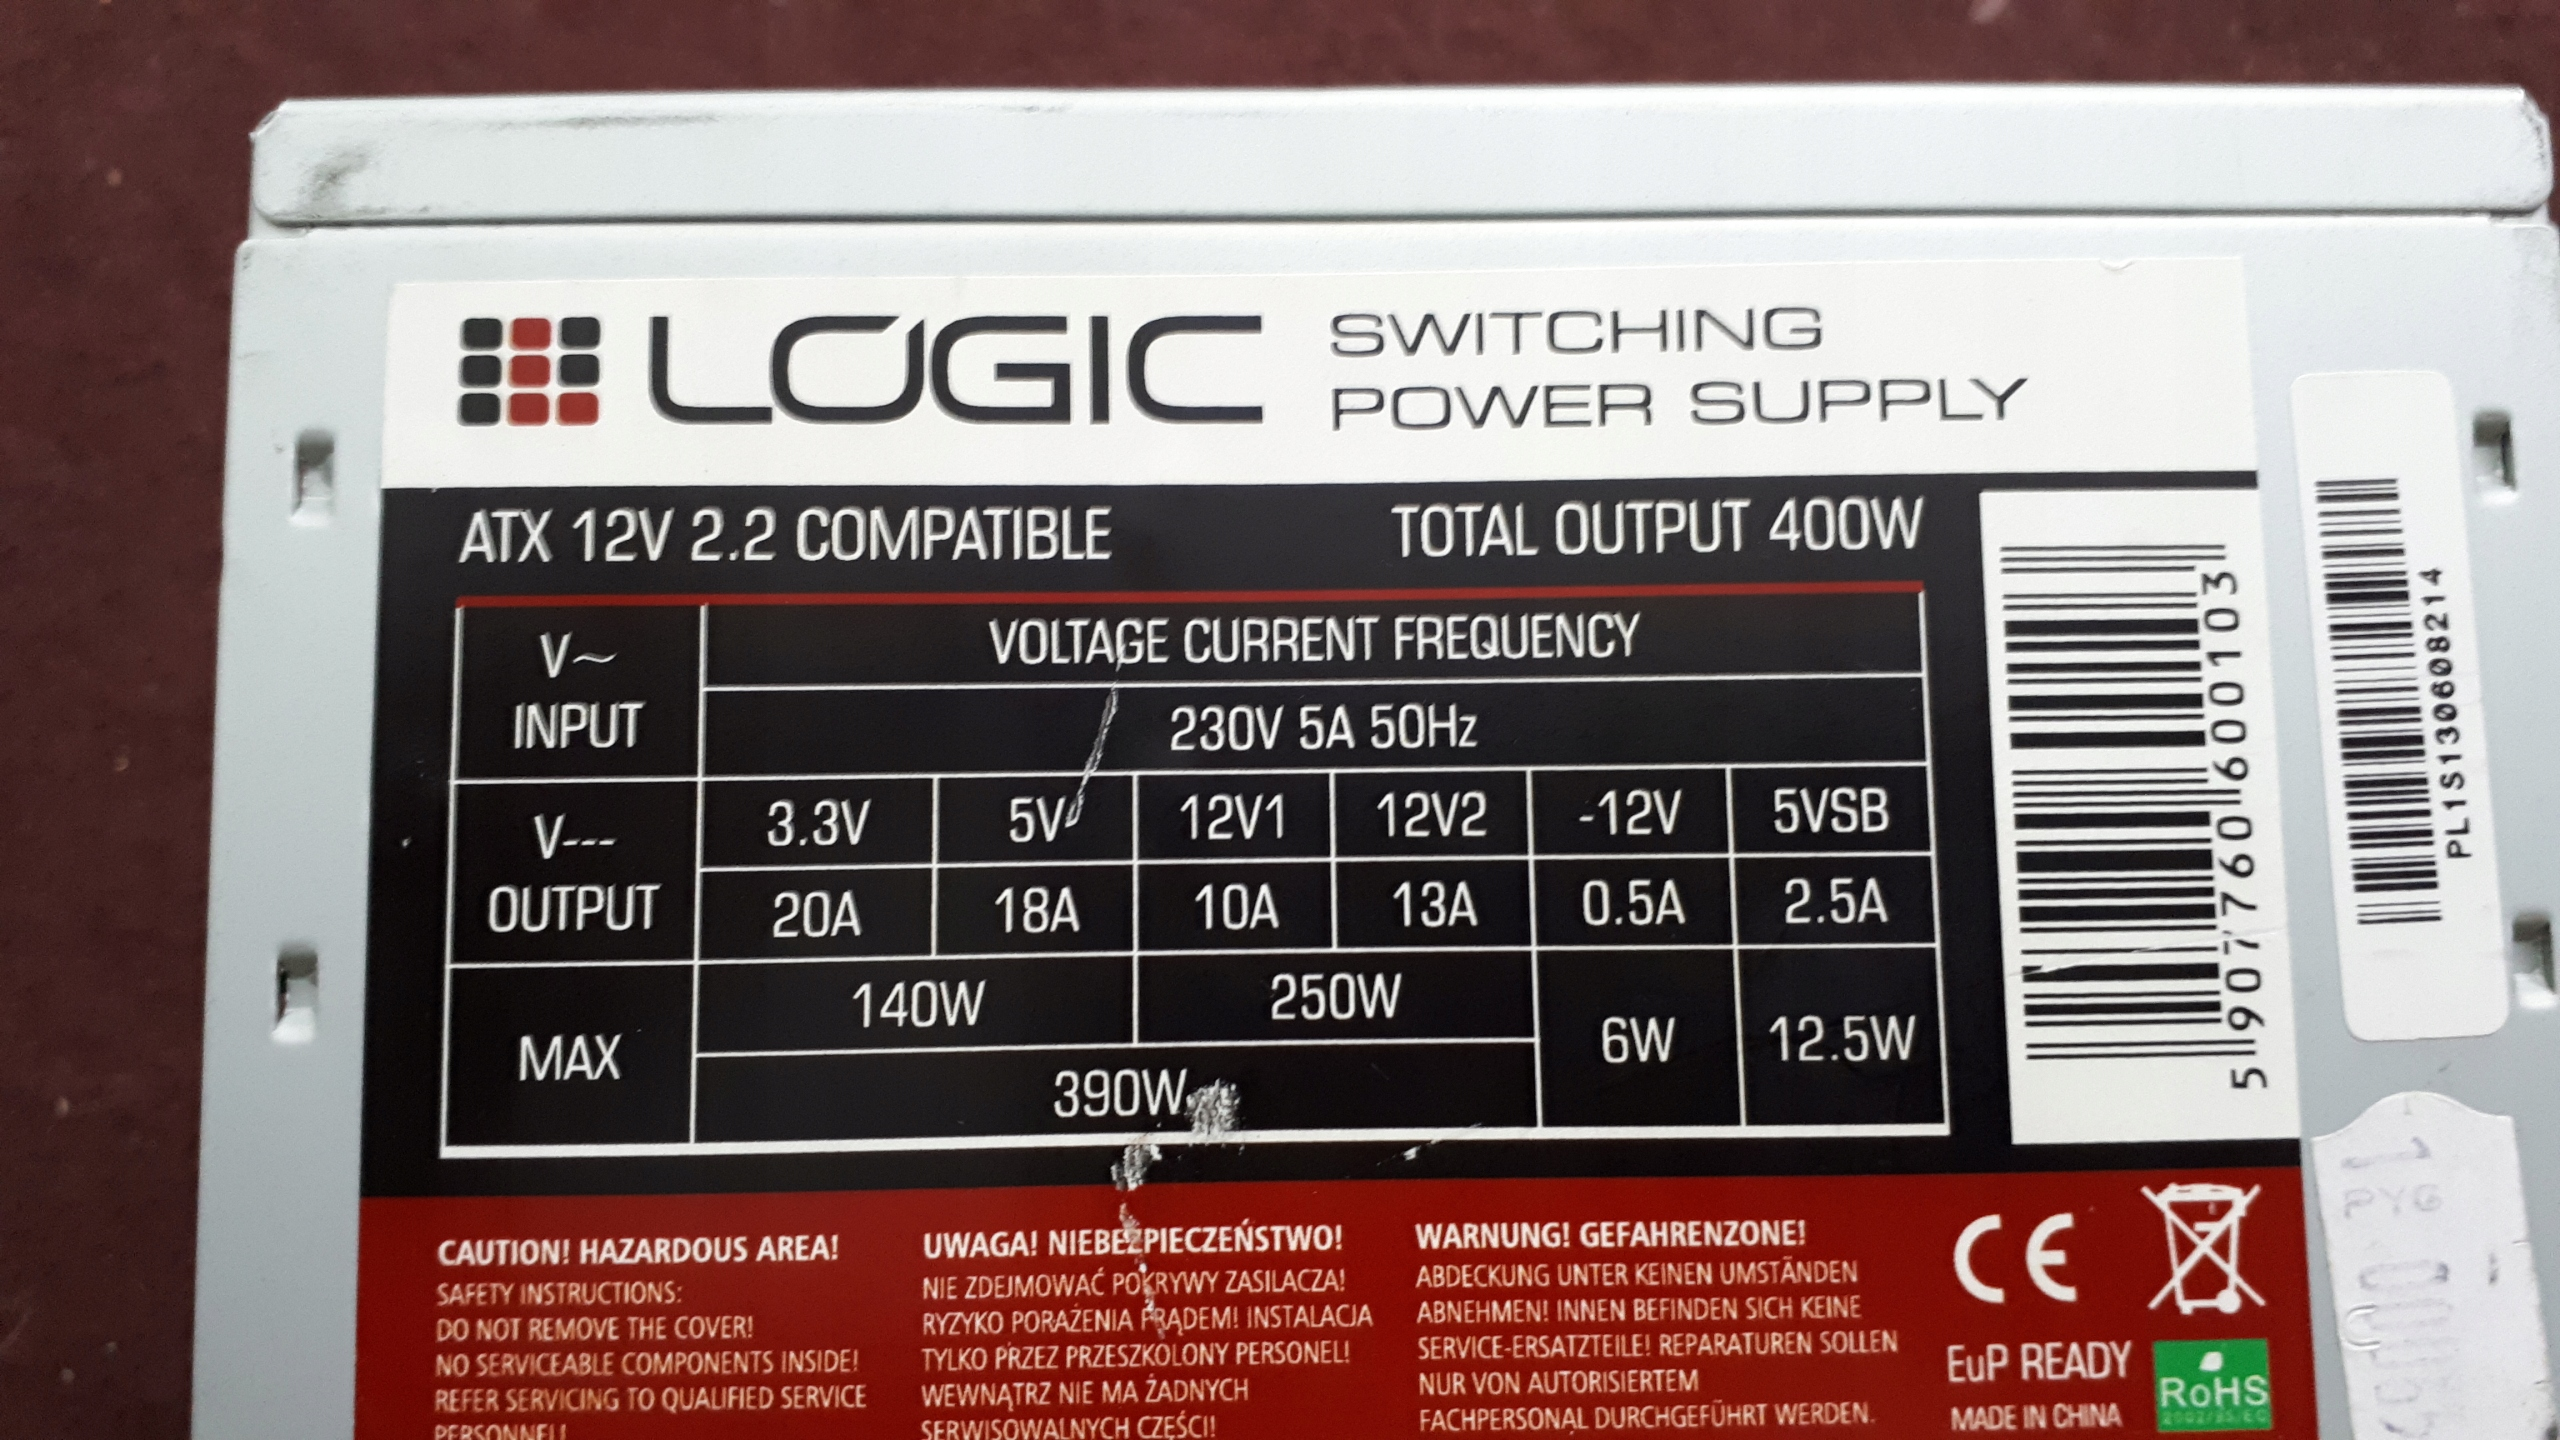 ZASILACZ Logic 400 wat opis